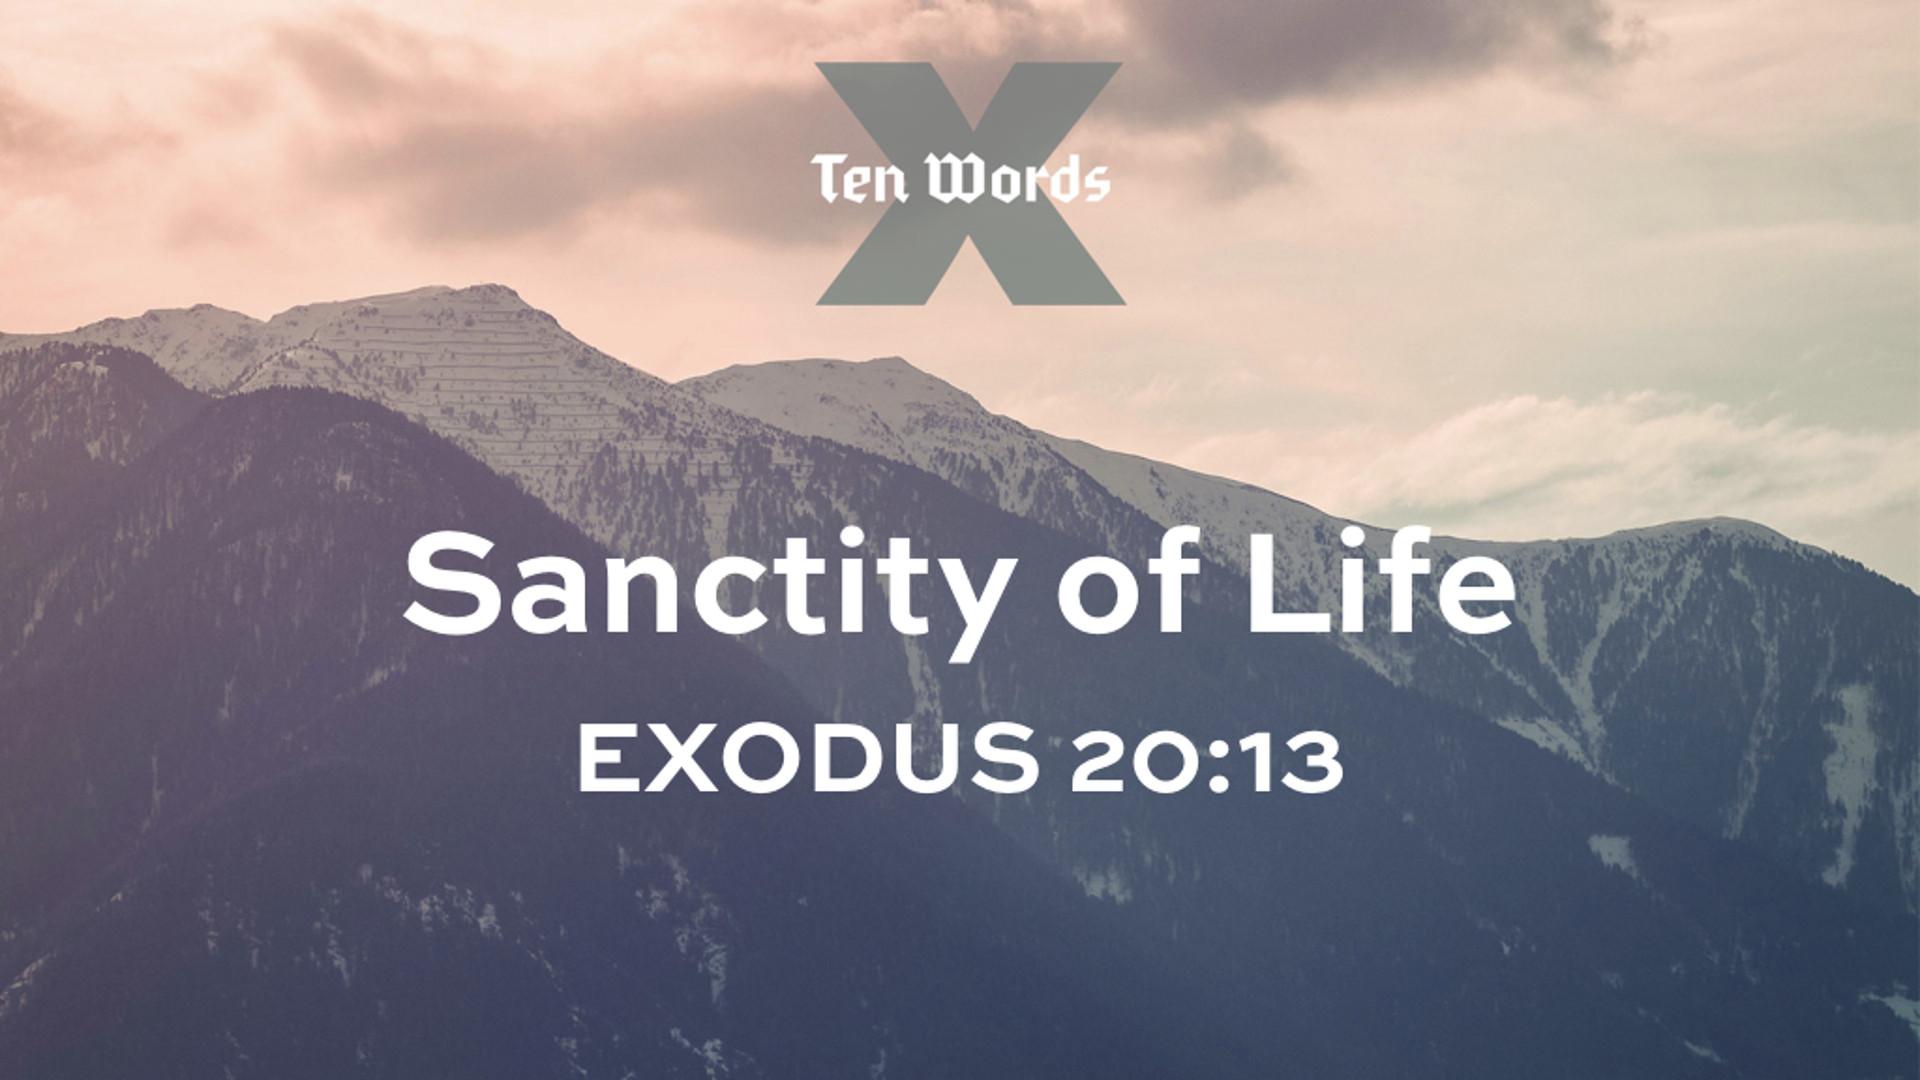 6 Sanctity of Life - Ex 20.13.jpg